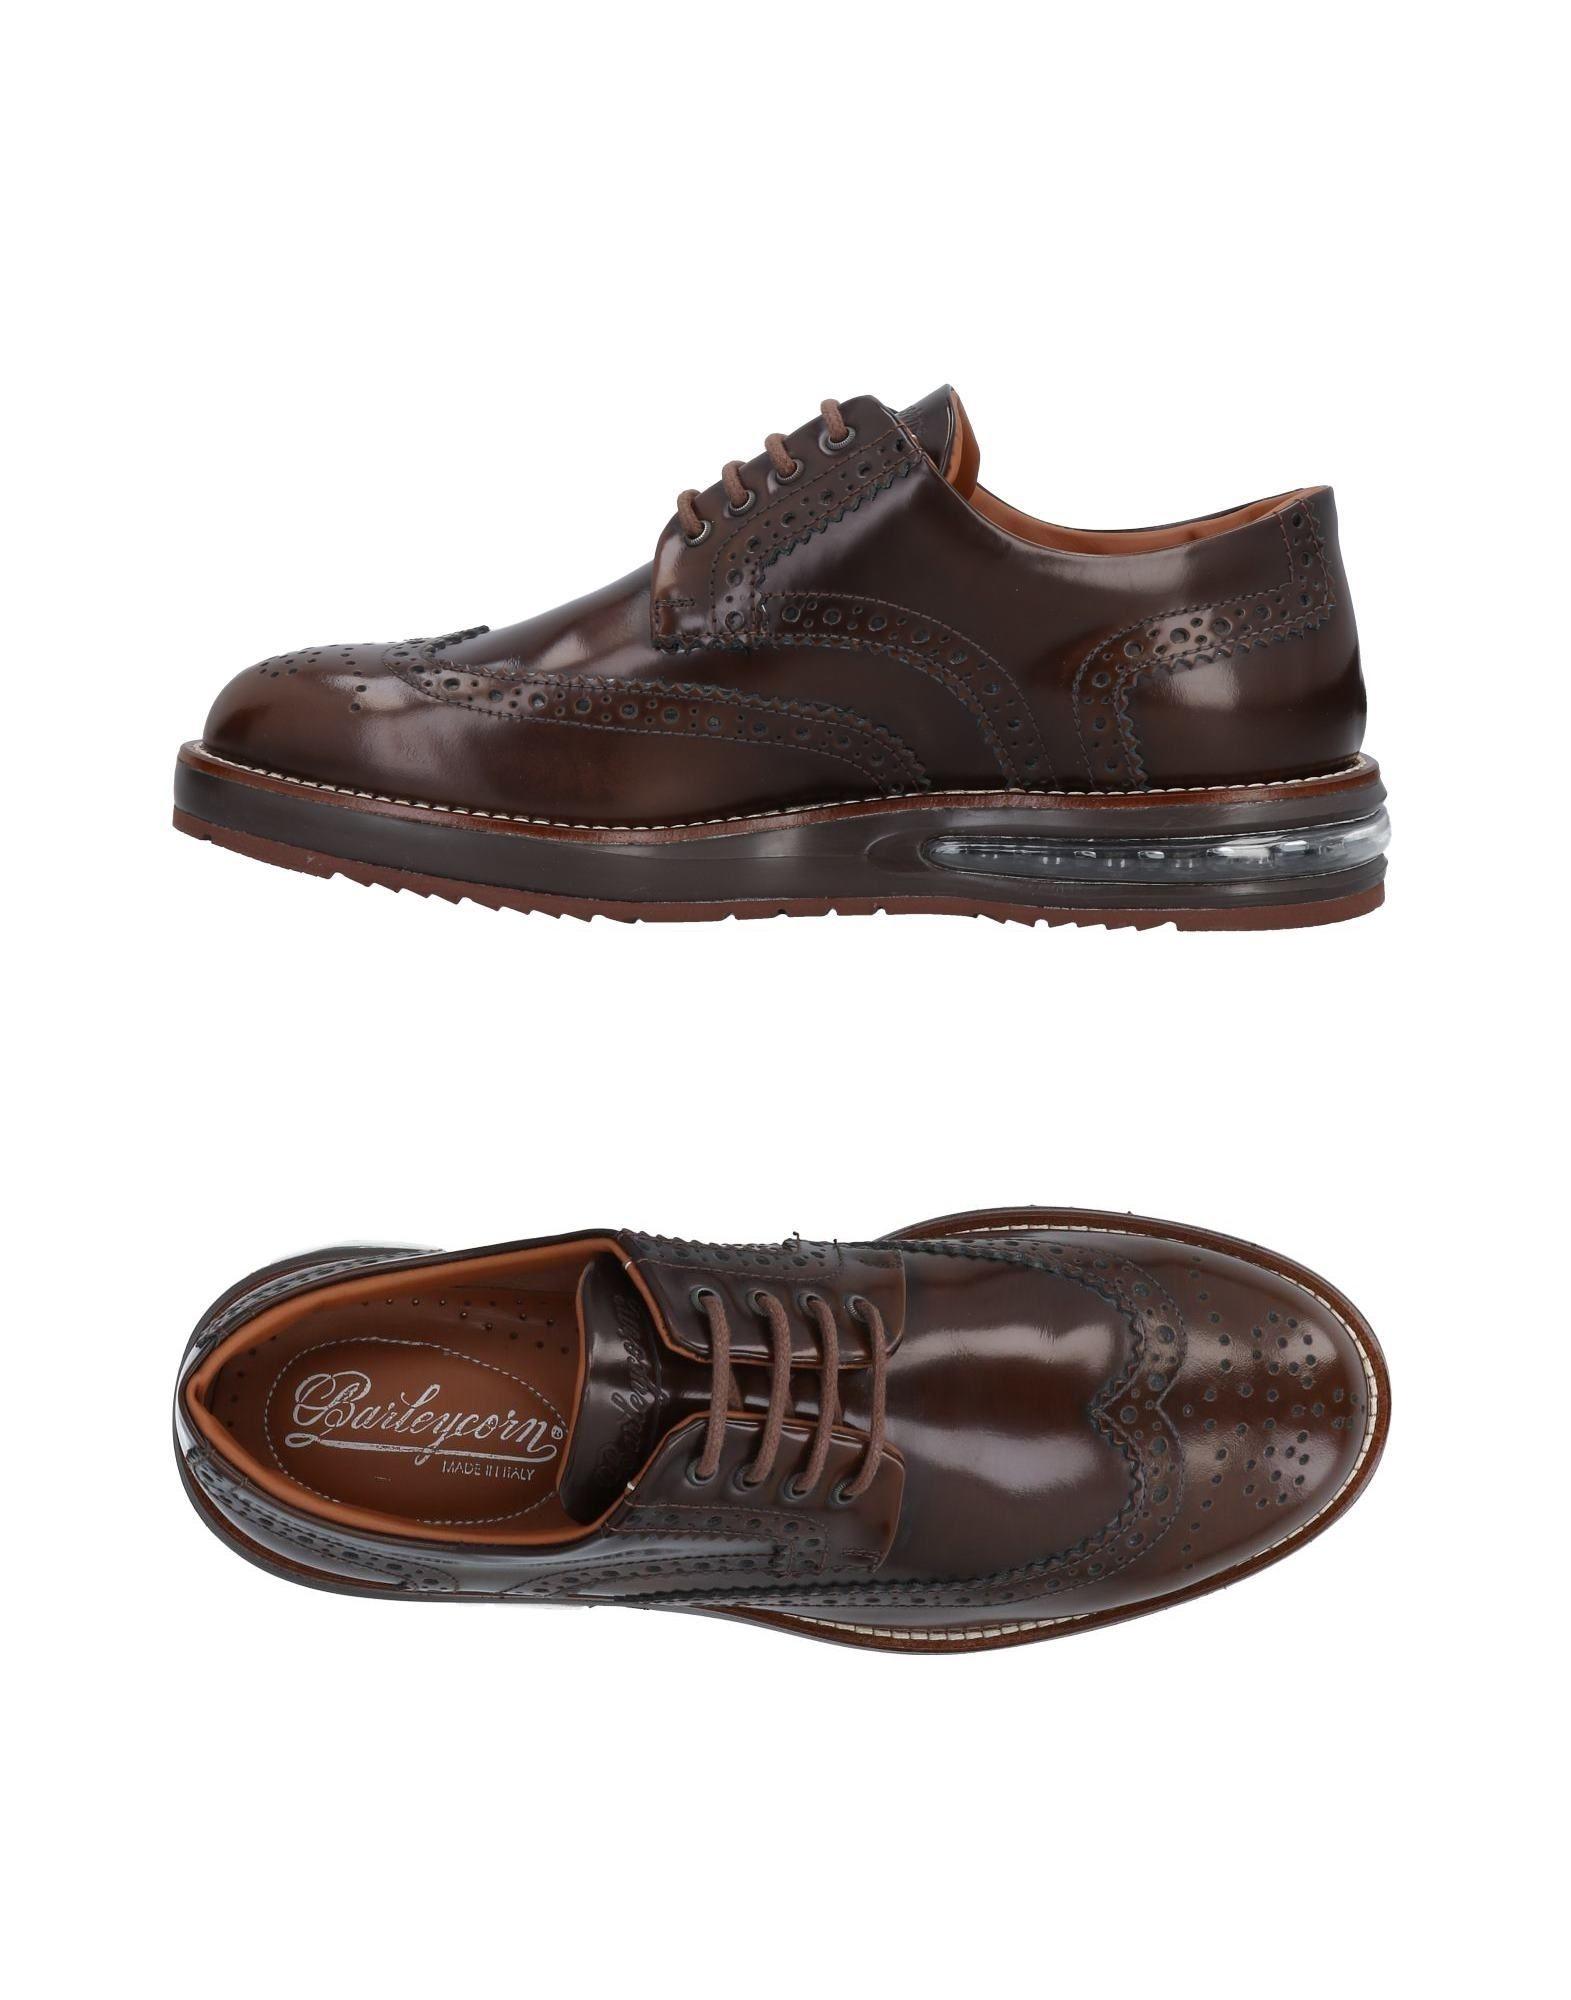 Haltbare Mode billige Schuhe Barleycorn Schnürschuhe Herren  11490587WG Heiße Schuhe